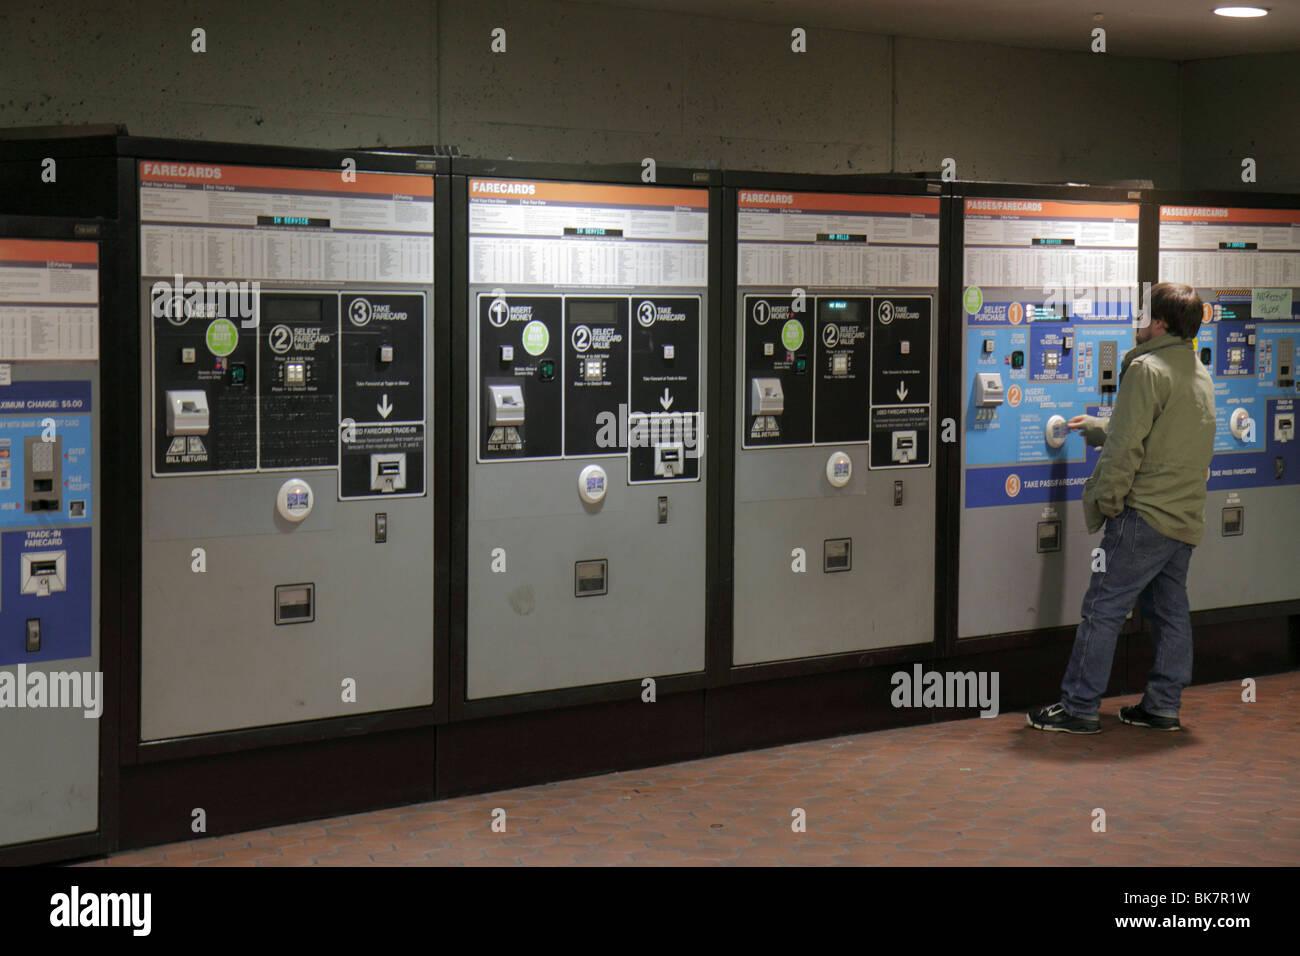 gallery place metro station stock photos  u0026 gallery place metro station stock images